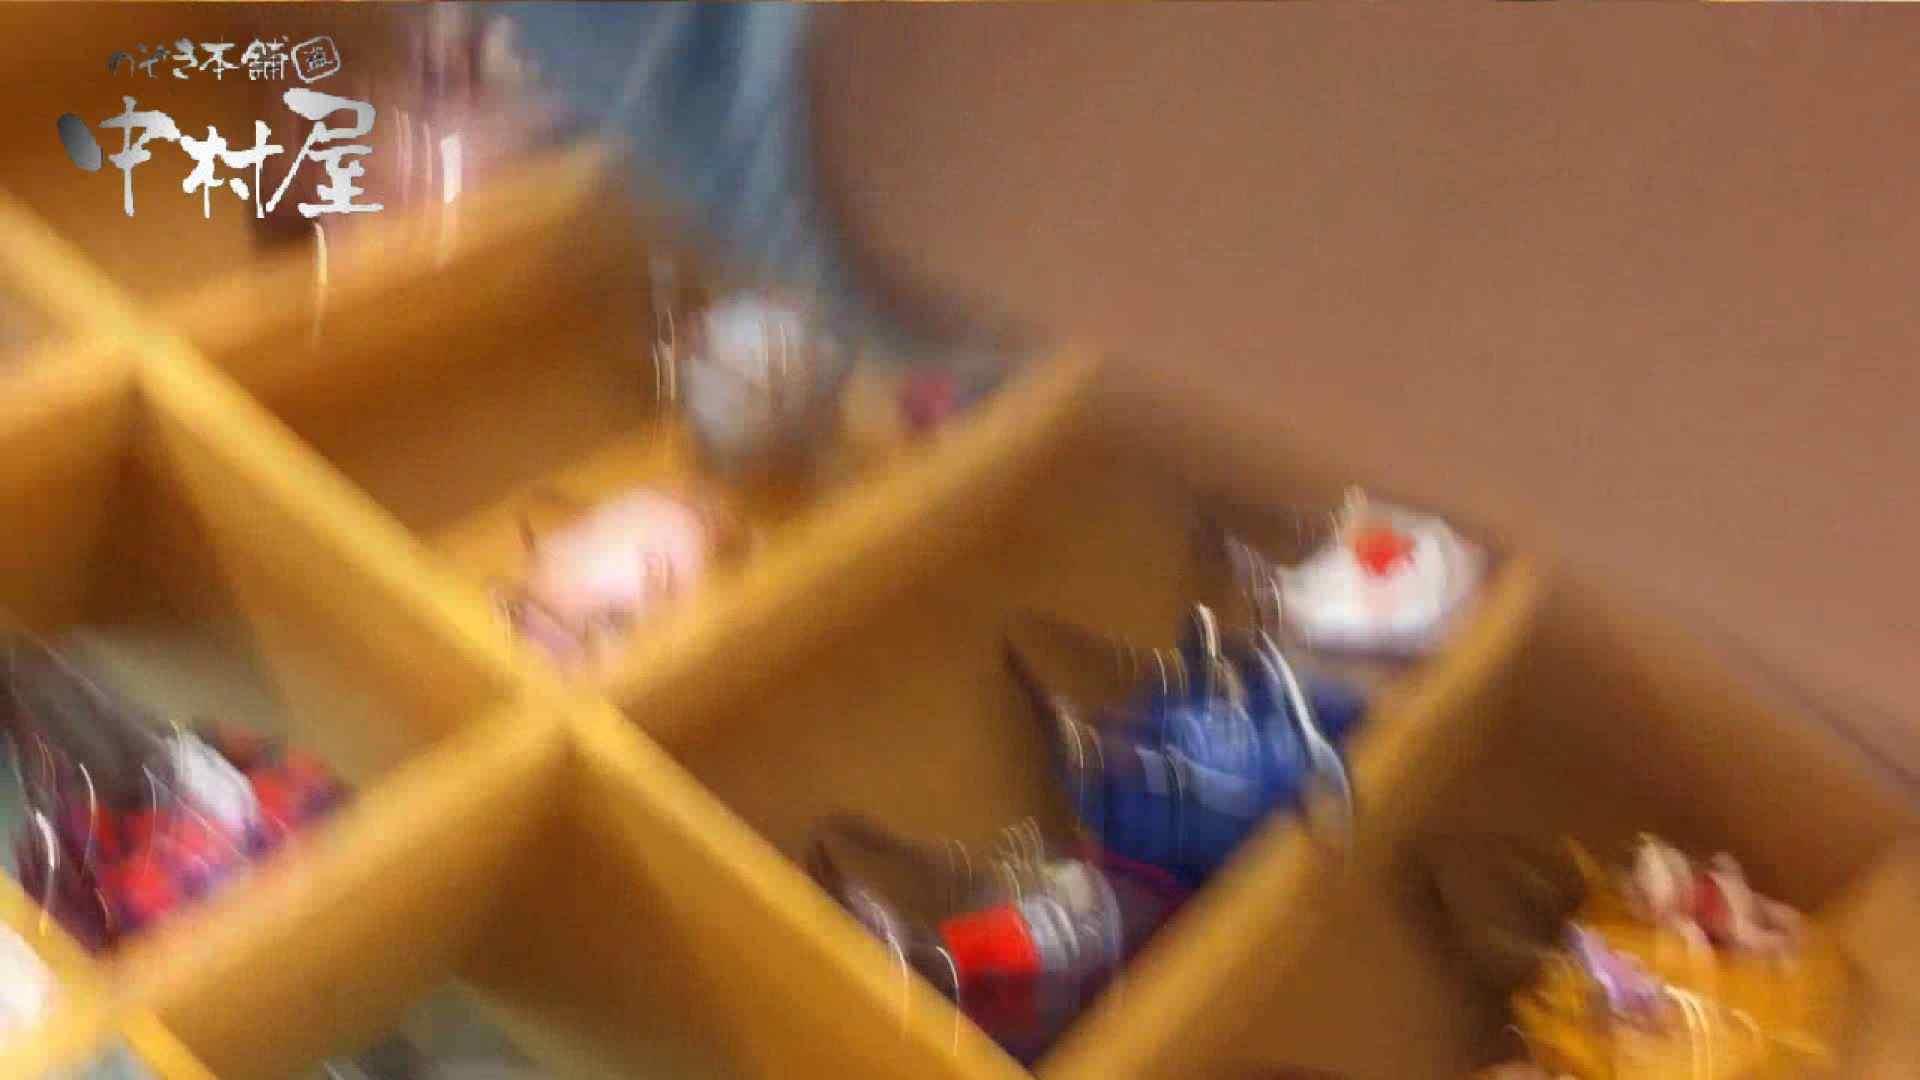 vol.48可愛いカリスマ店員胸チラ&パンチラ アニメ声の店員さん 接写 覗きオメコ動画キャプチャ 110画像 33